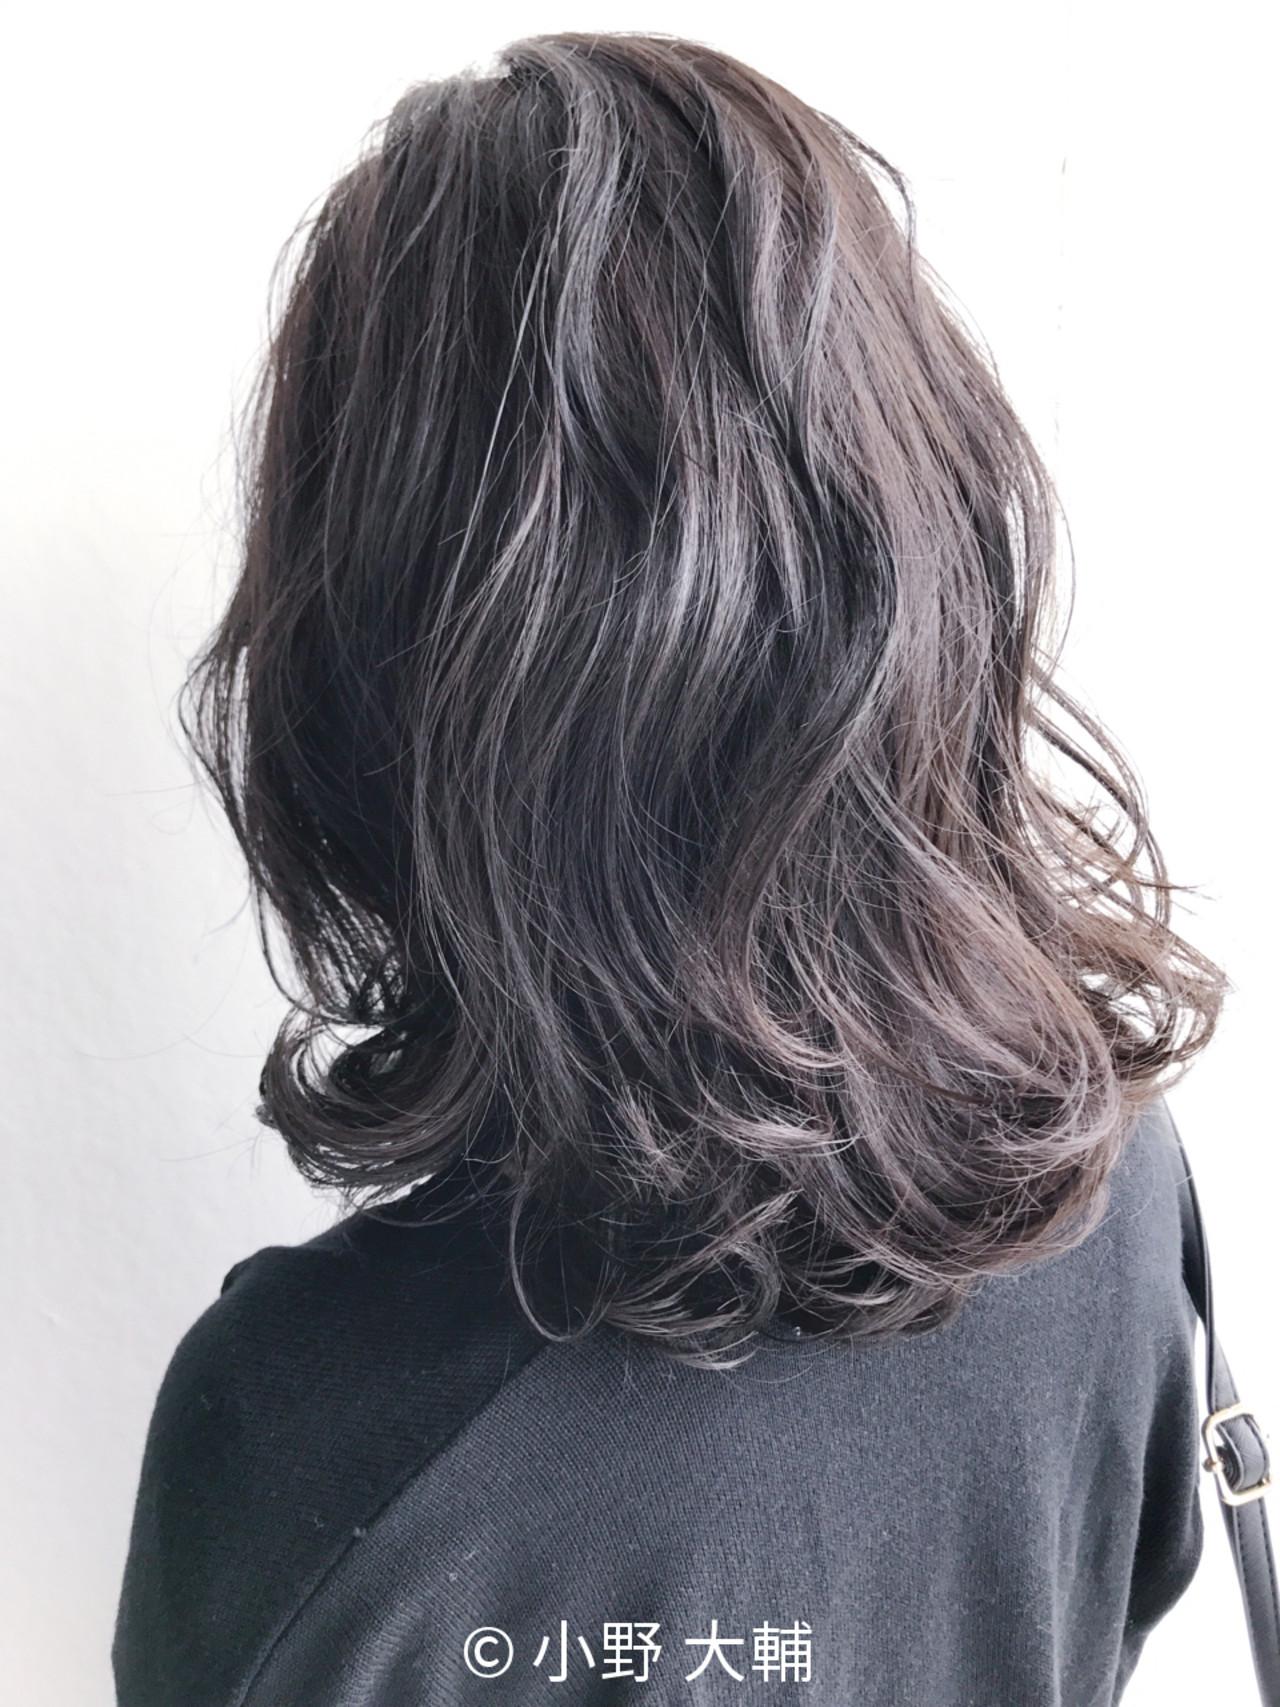 外ハネ ナチュラル アッシュ 冬 ヘアスタイルや髪型の写真・画像 | 小野 大輔 / OHIA  for plumeria